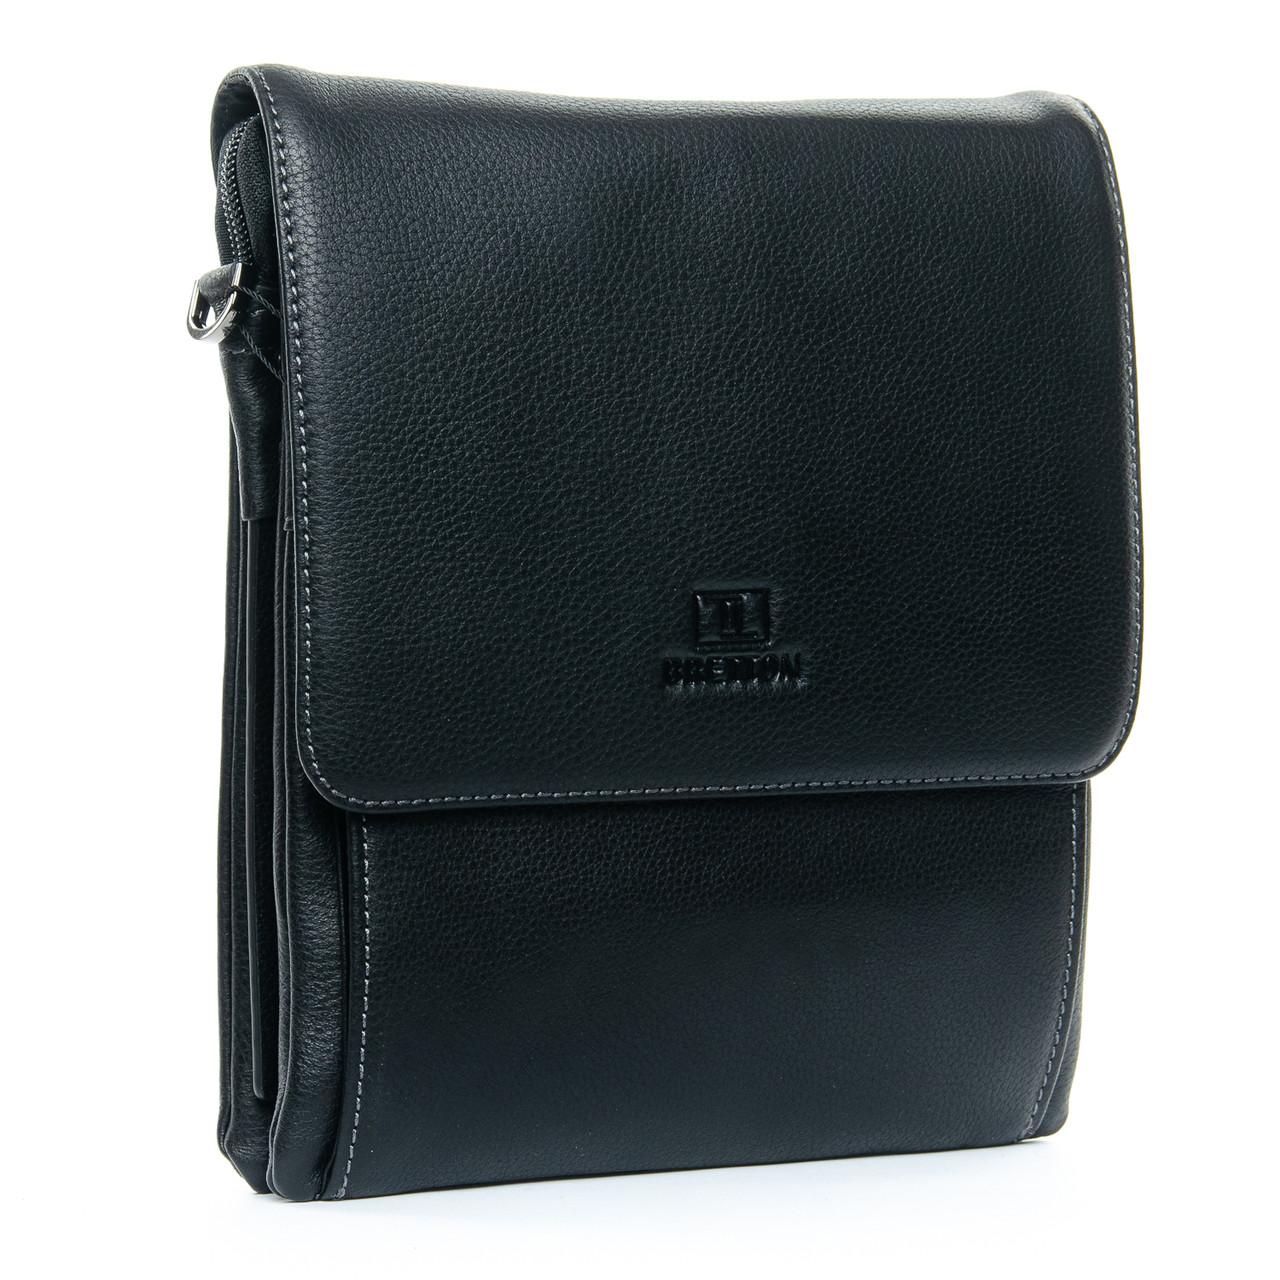 Сумка Мужская Планшет кожаный BRETTON BE 5190-4 black